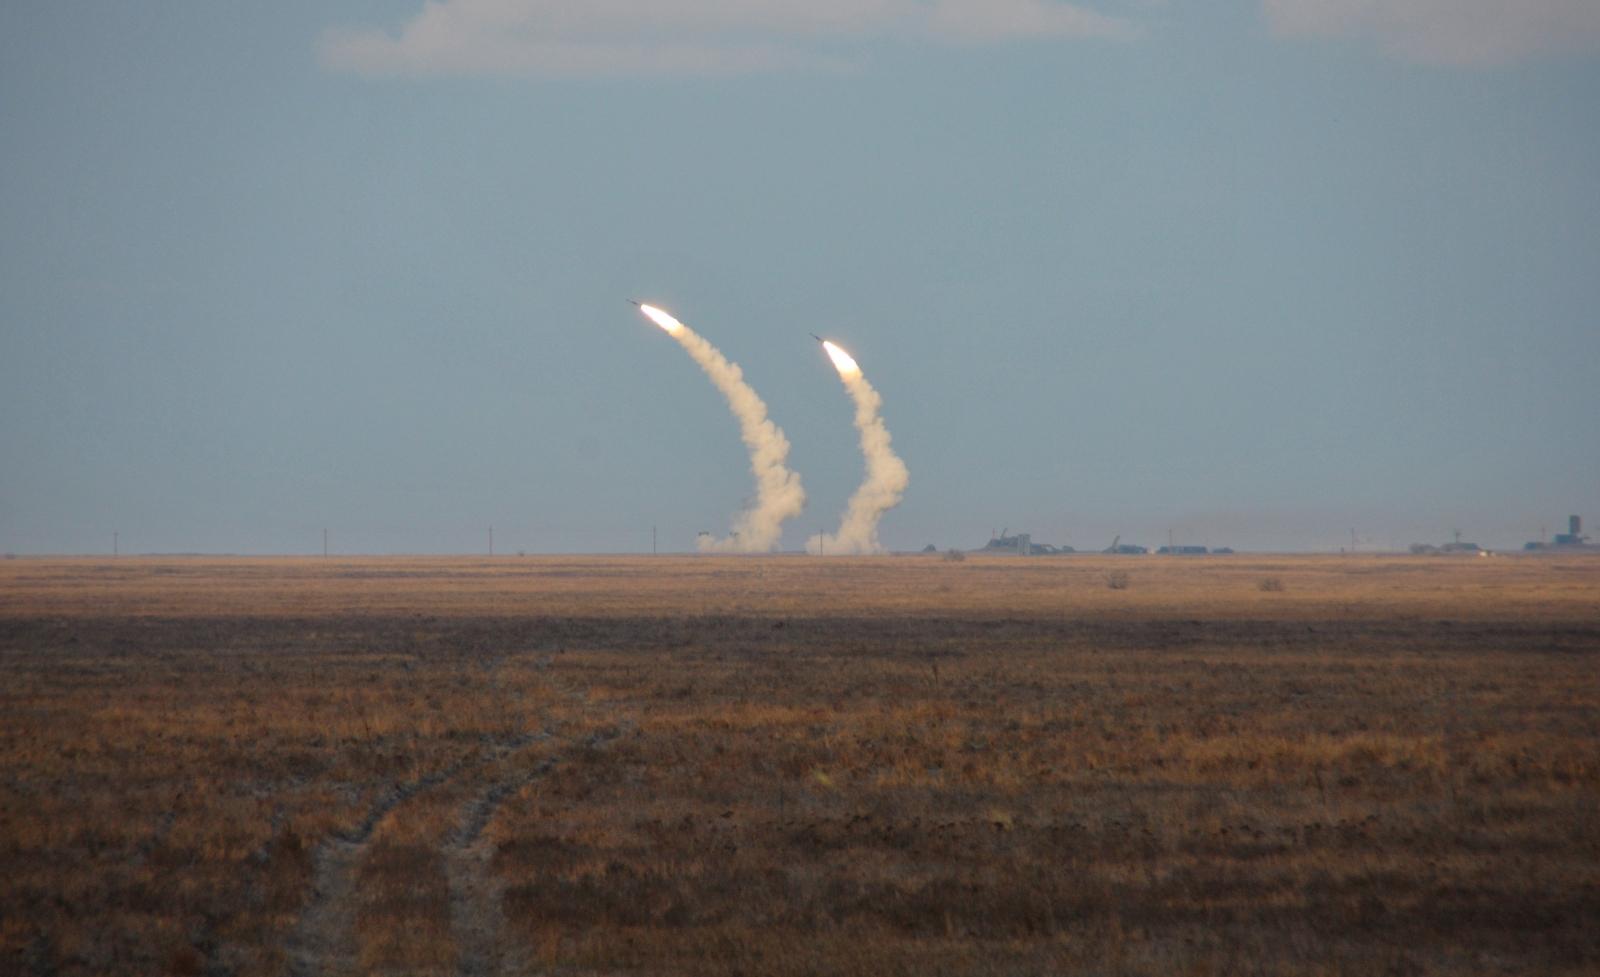 Ukraine missile tests Russia